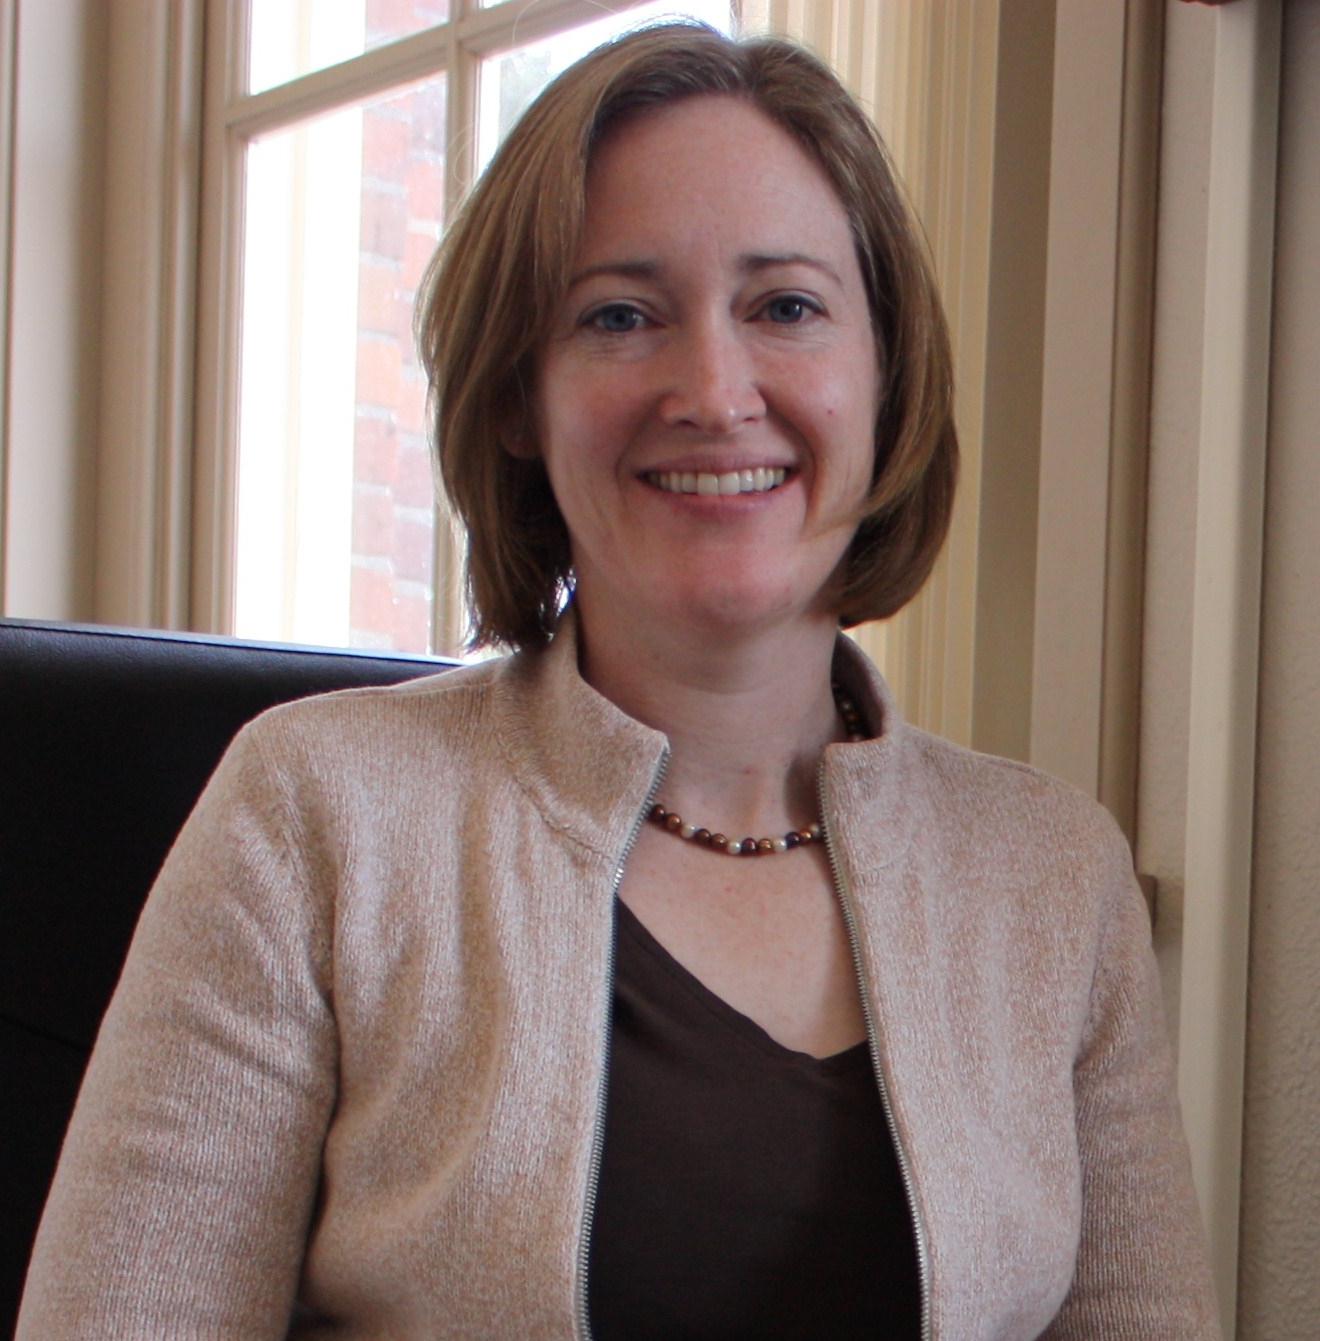 Courtney Meehan